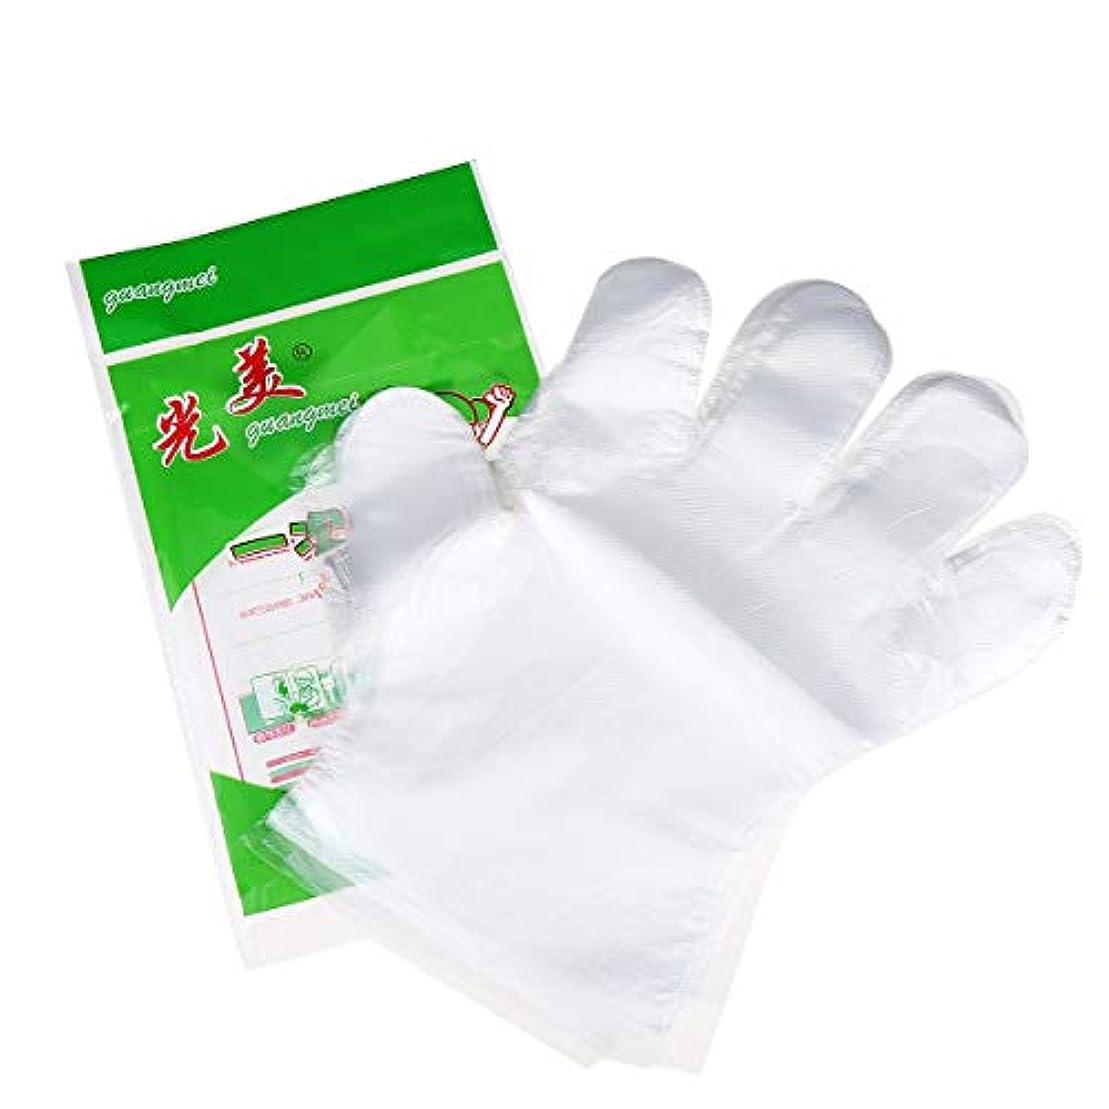 永続デッドロック間隔CCINEE 使い捨て手袋 極薄ビニール手袋 ポリエチレン 透明 実用 衛生 100枚セット極薄手袋 調理に?お掃除に?毛染めに